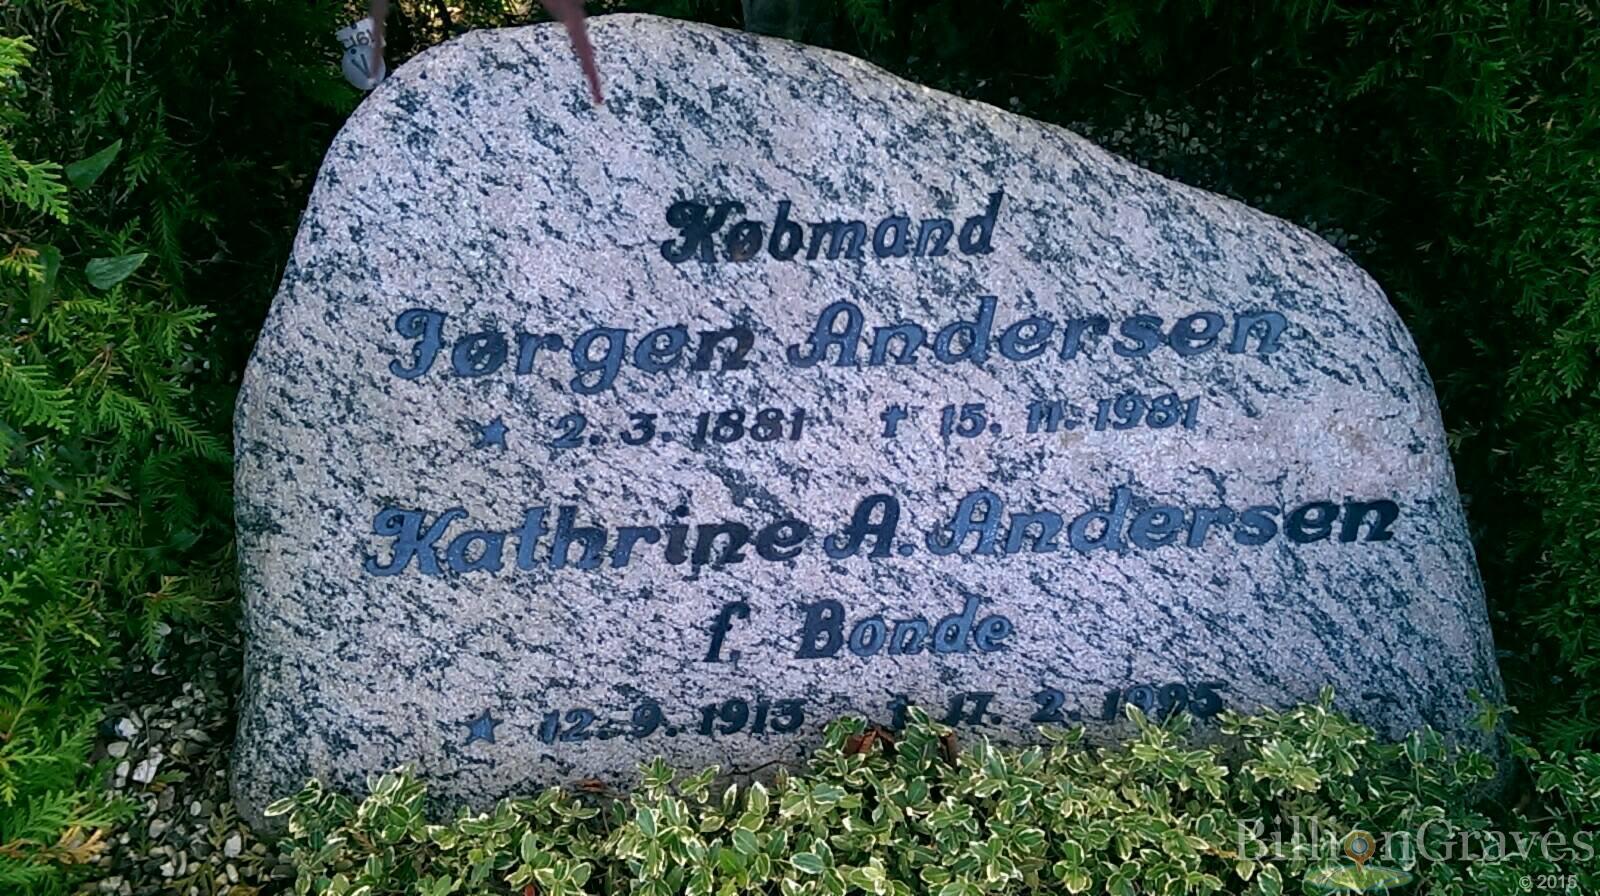 andersen-joergen-1881-1981